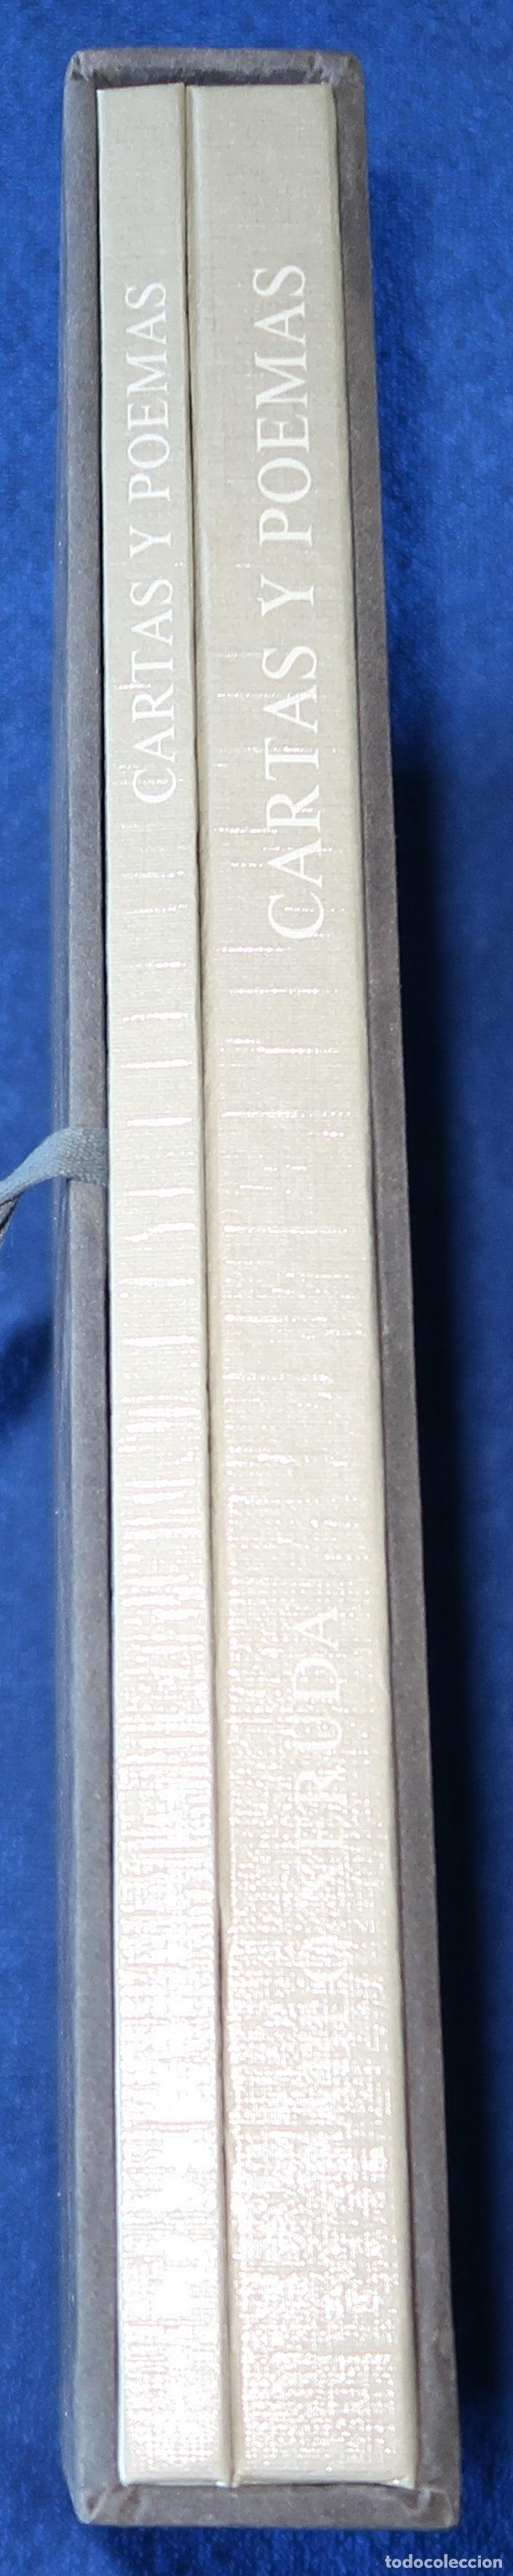 Libros de segunda mano: Cartas y Poemas - Pablo Neruda - Banco Exterior de España - Edición Limitada y numerada (1990) - Foto 2 - 168384400